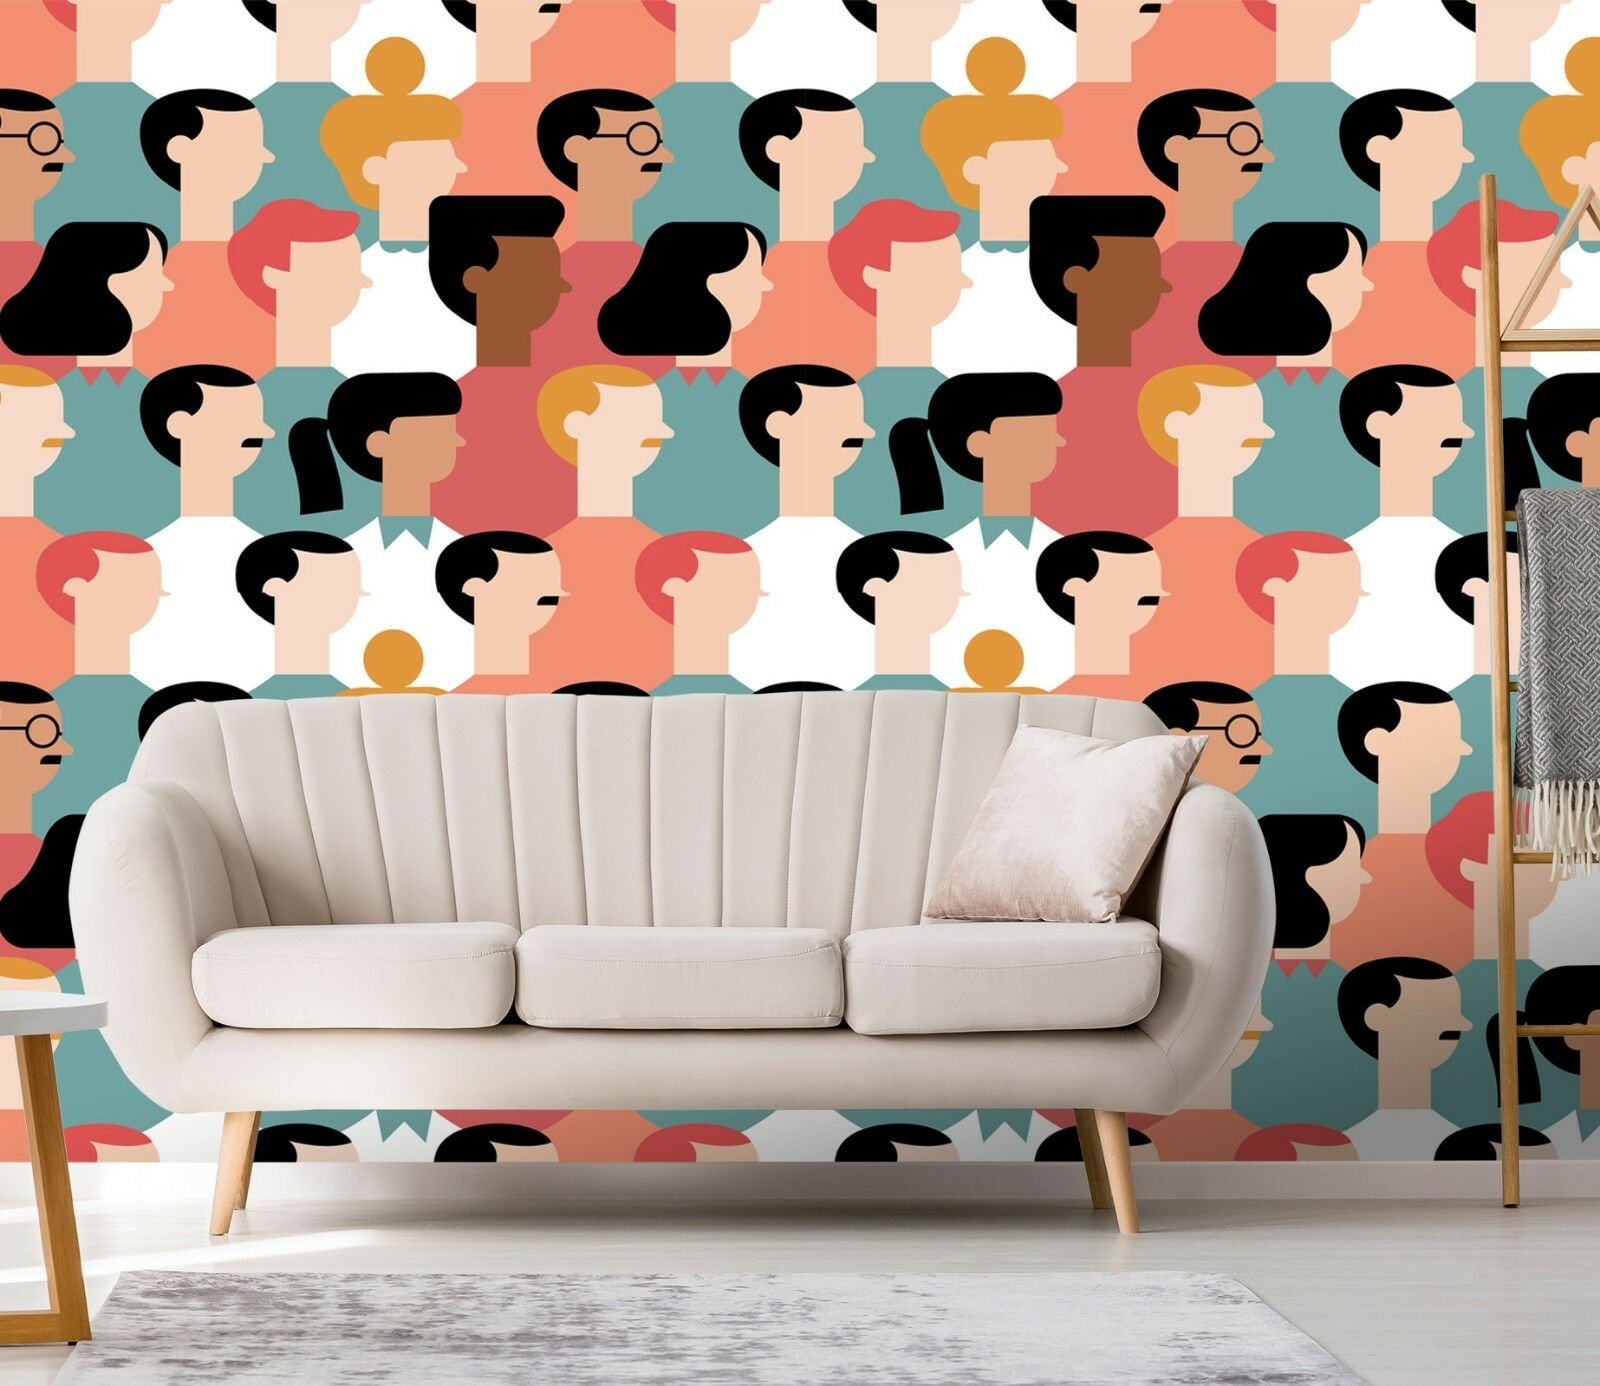 3D Abstract People 15 Wallpaper Mural Print Wall Indoor Wallpaper Murals UK